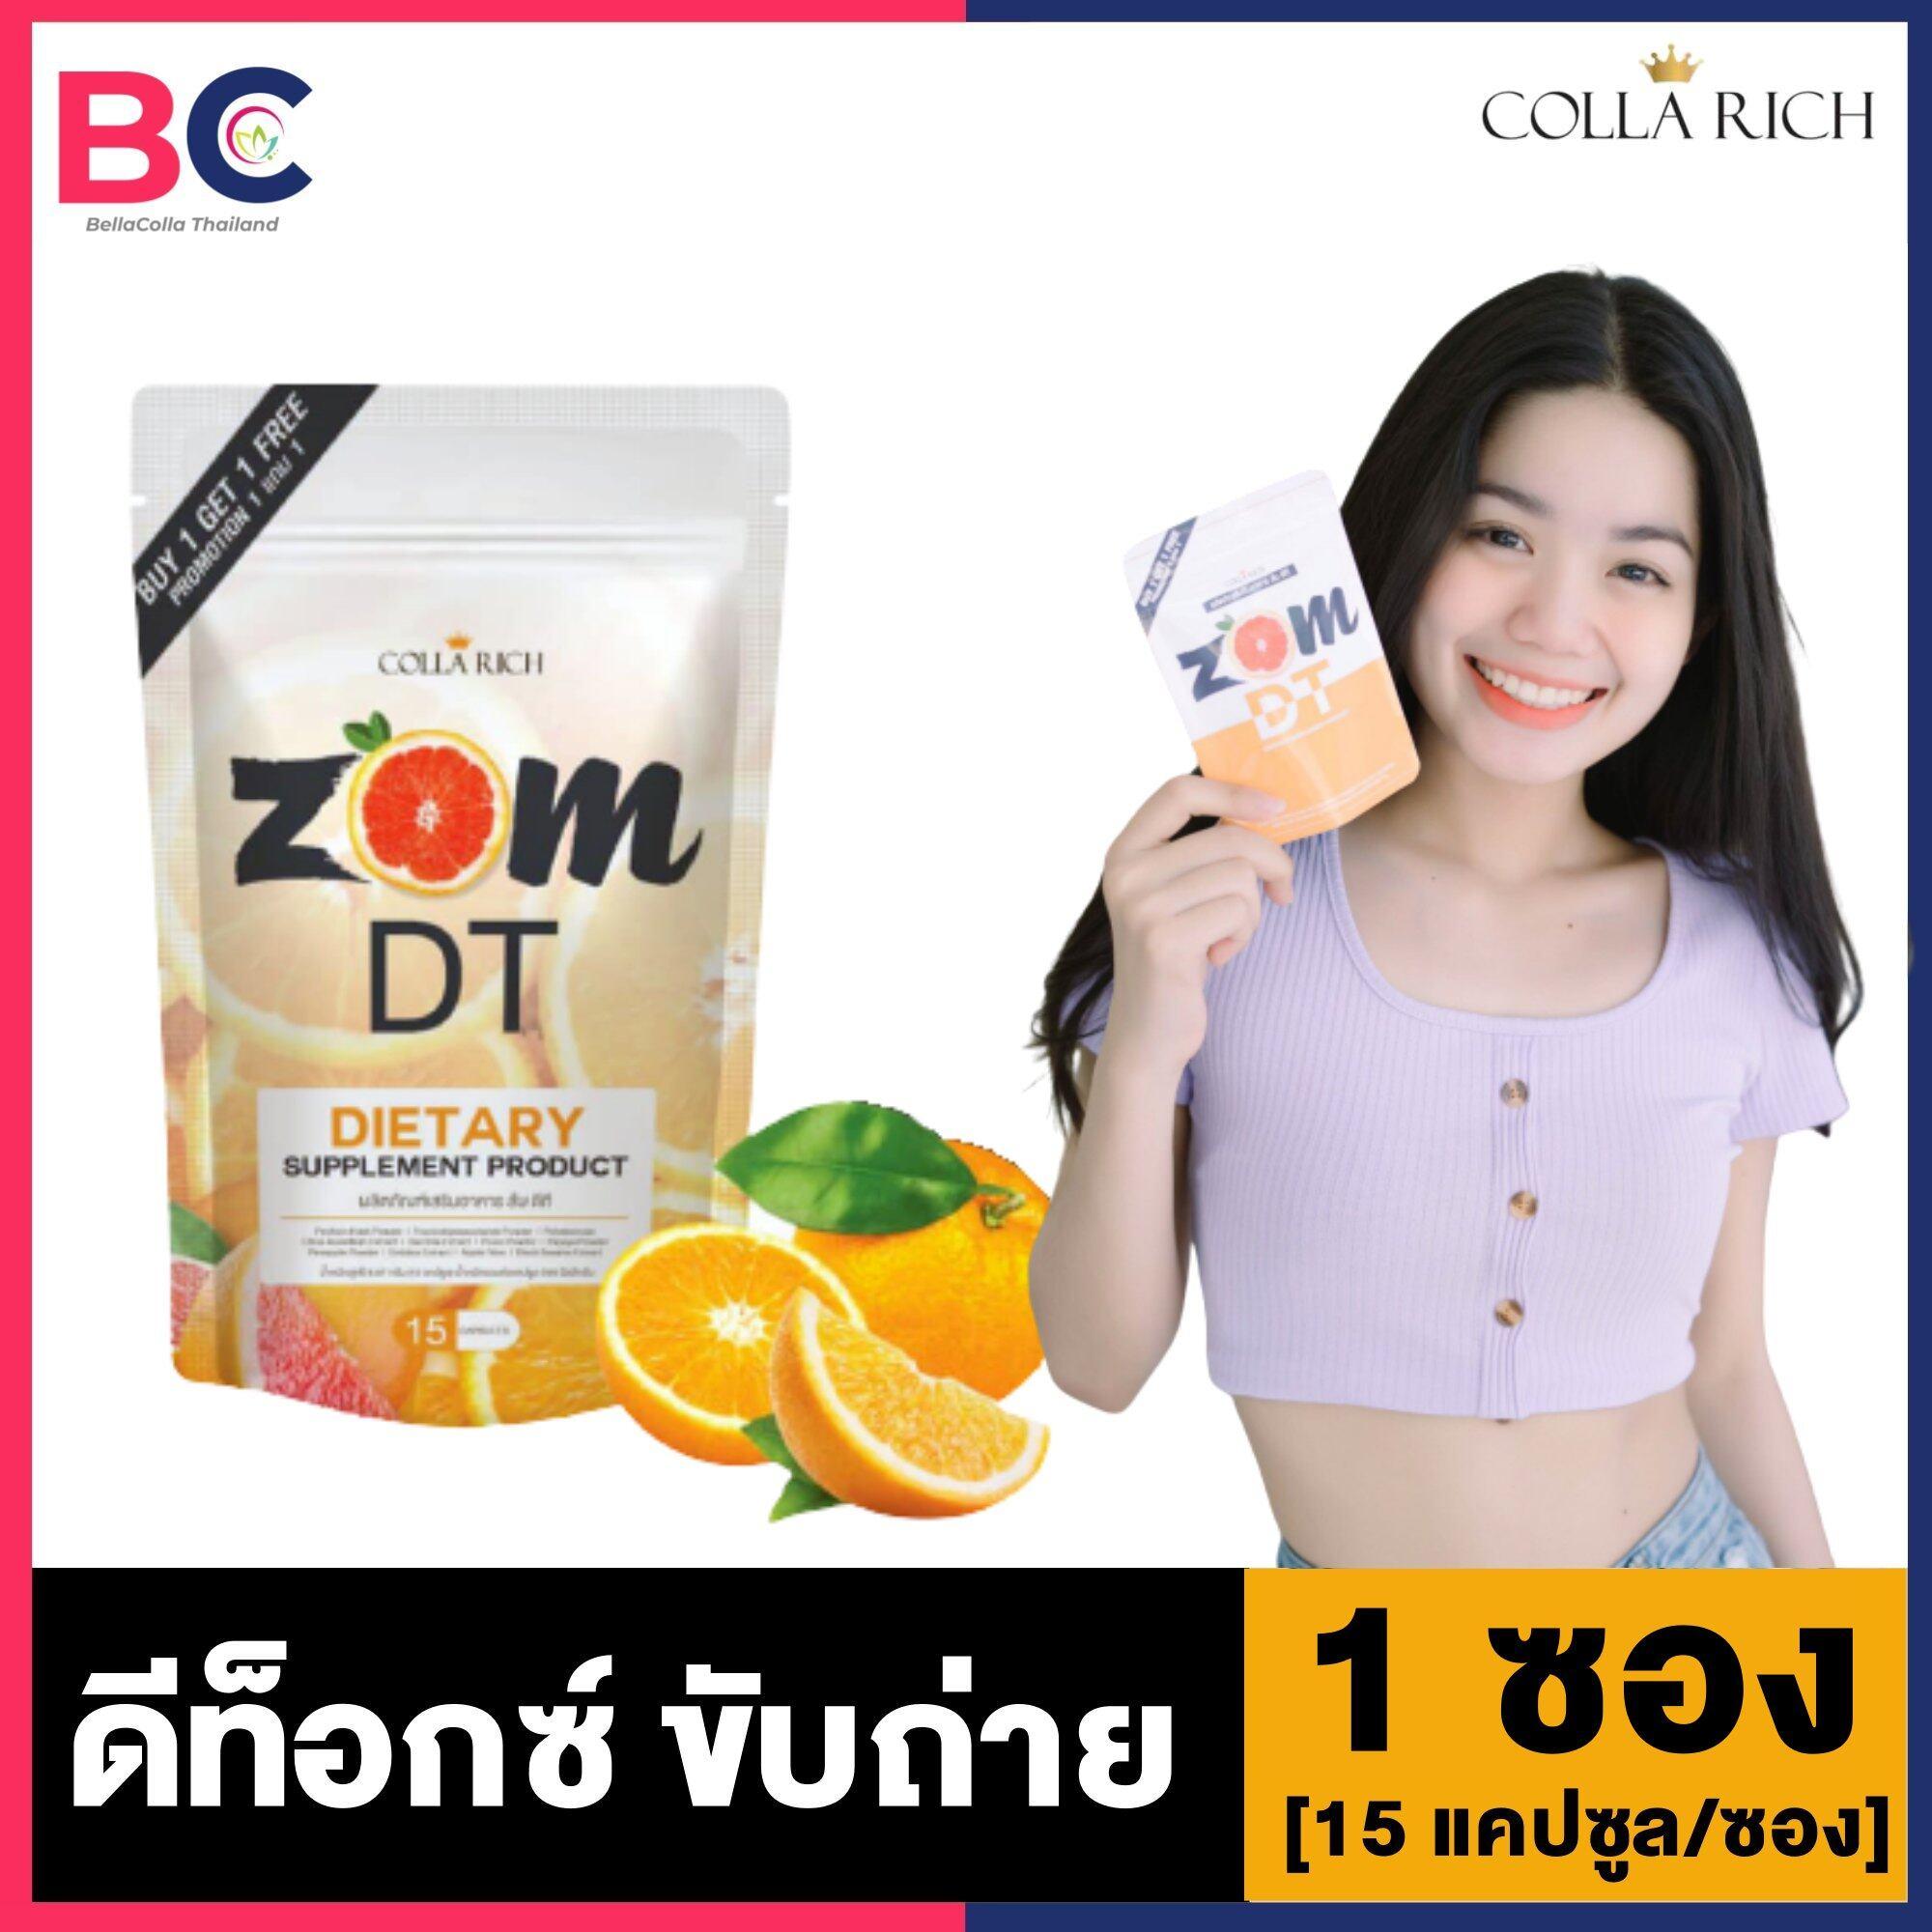 ส้มดีที ZOM DT [1 ซอง] [15 แคปซูล/ซอง] [ไม่แถม] ดีท็อกซ์Zom Dt ส้มดีท็อก อาหารเสริมดีท็อกซ์ By Collarich